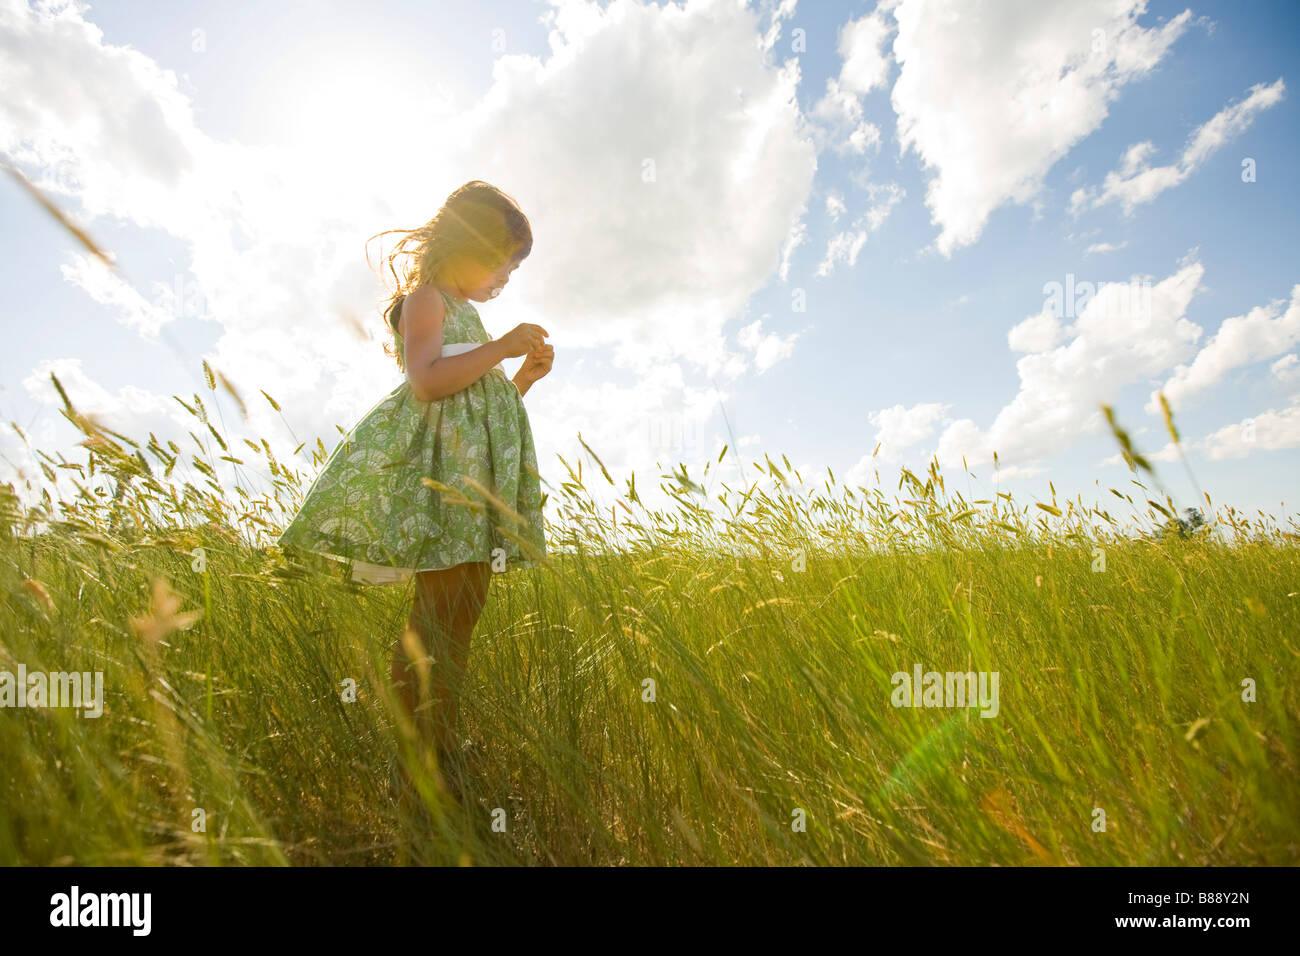 Jeune fille dans un champ herbeux au Dakota du Nord Photo Stock